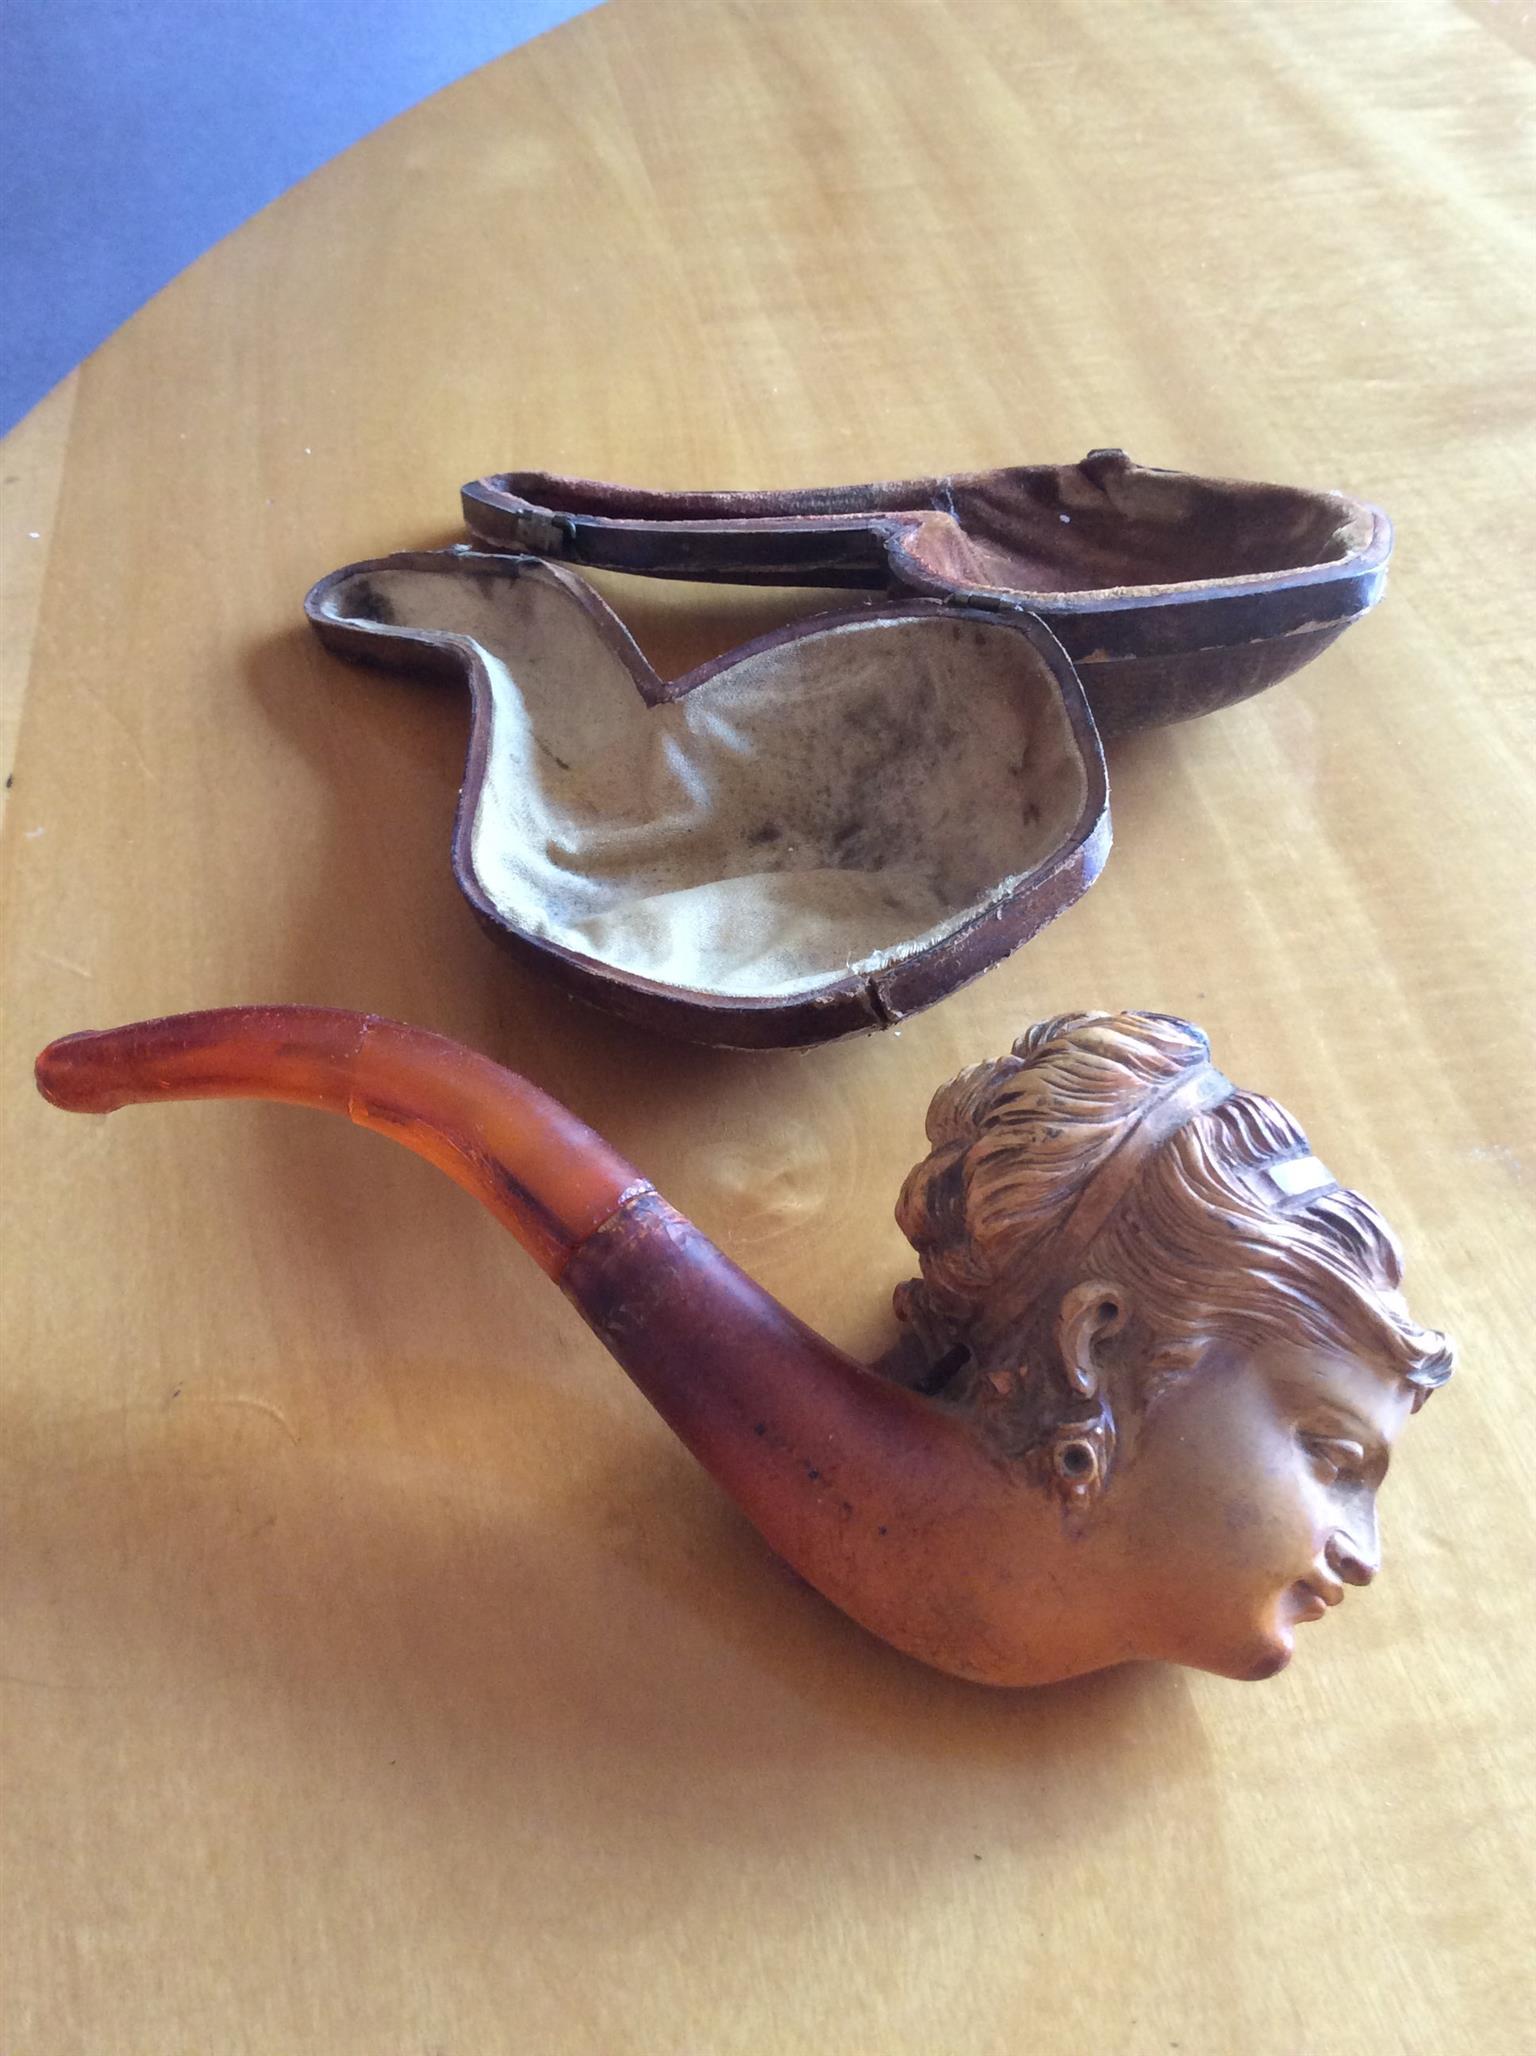 Genuine Meerschaum Pipe & Case